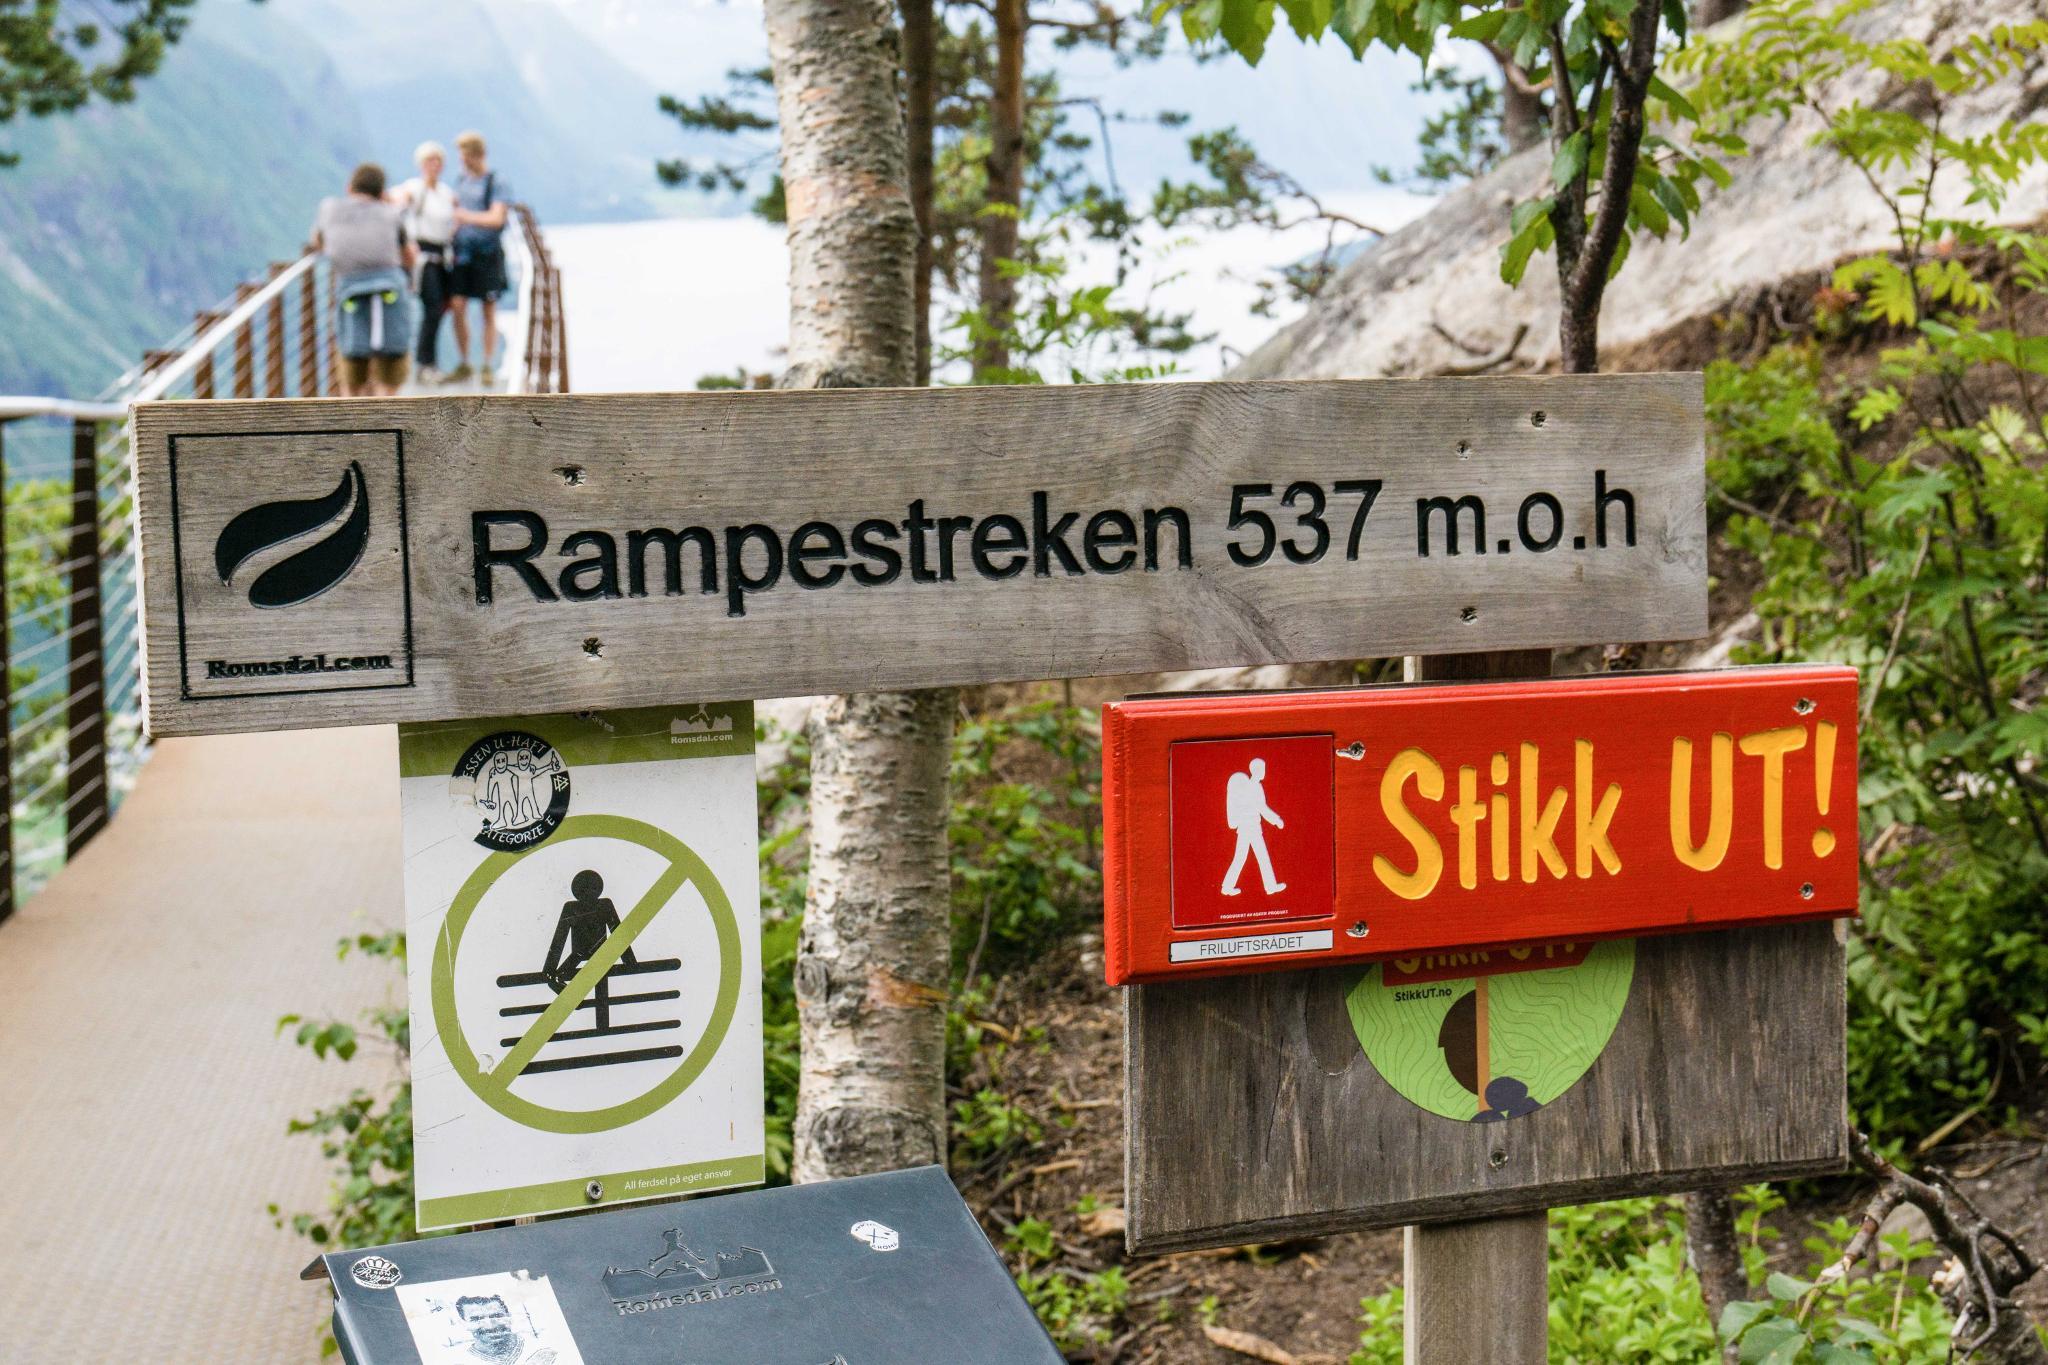 【北歐景點】峽灣區起點Åndalsnes健行 - 鳥瞰峽灣全景的Rampestreken觀景台 19